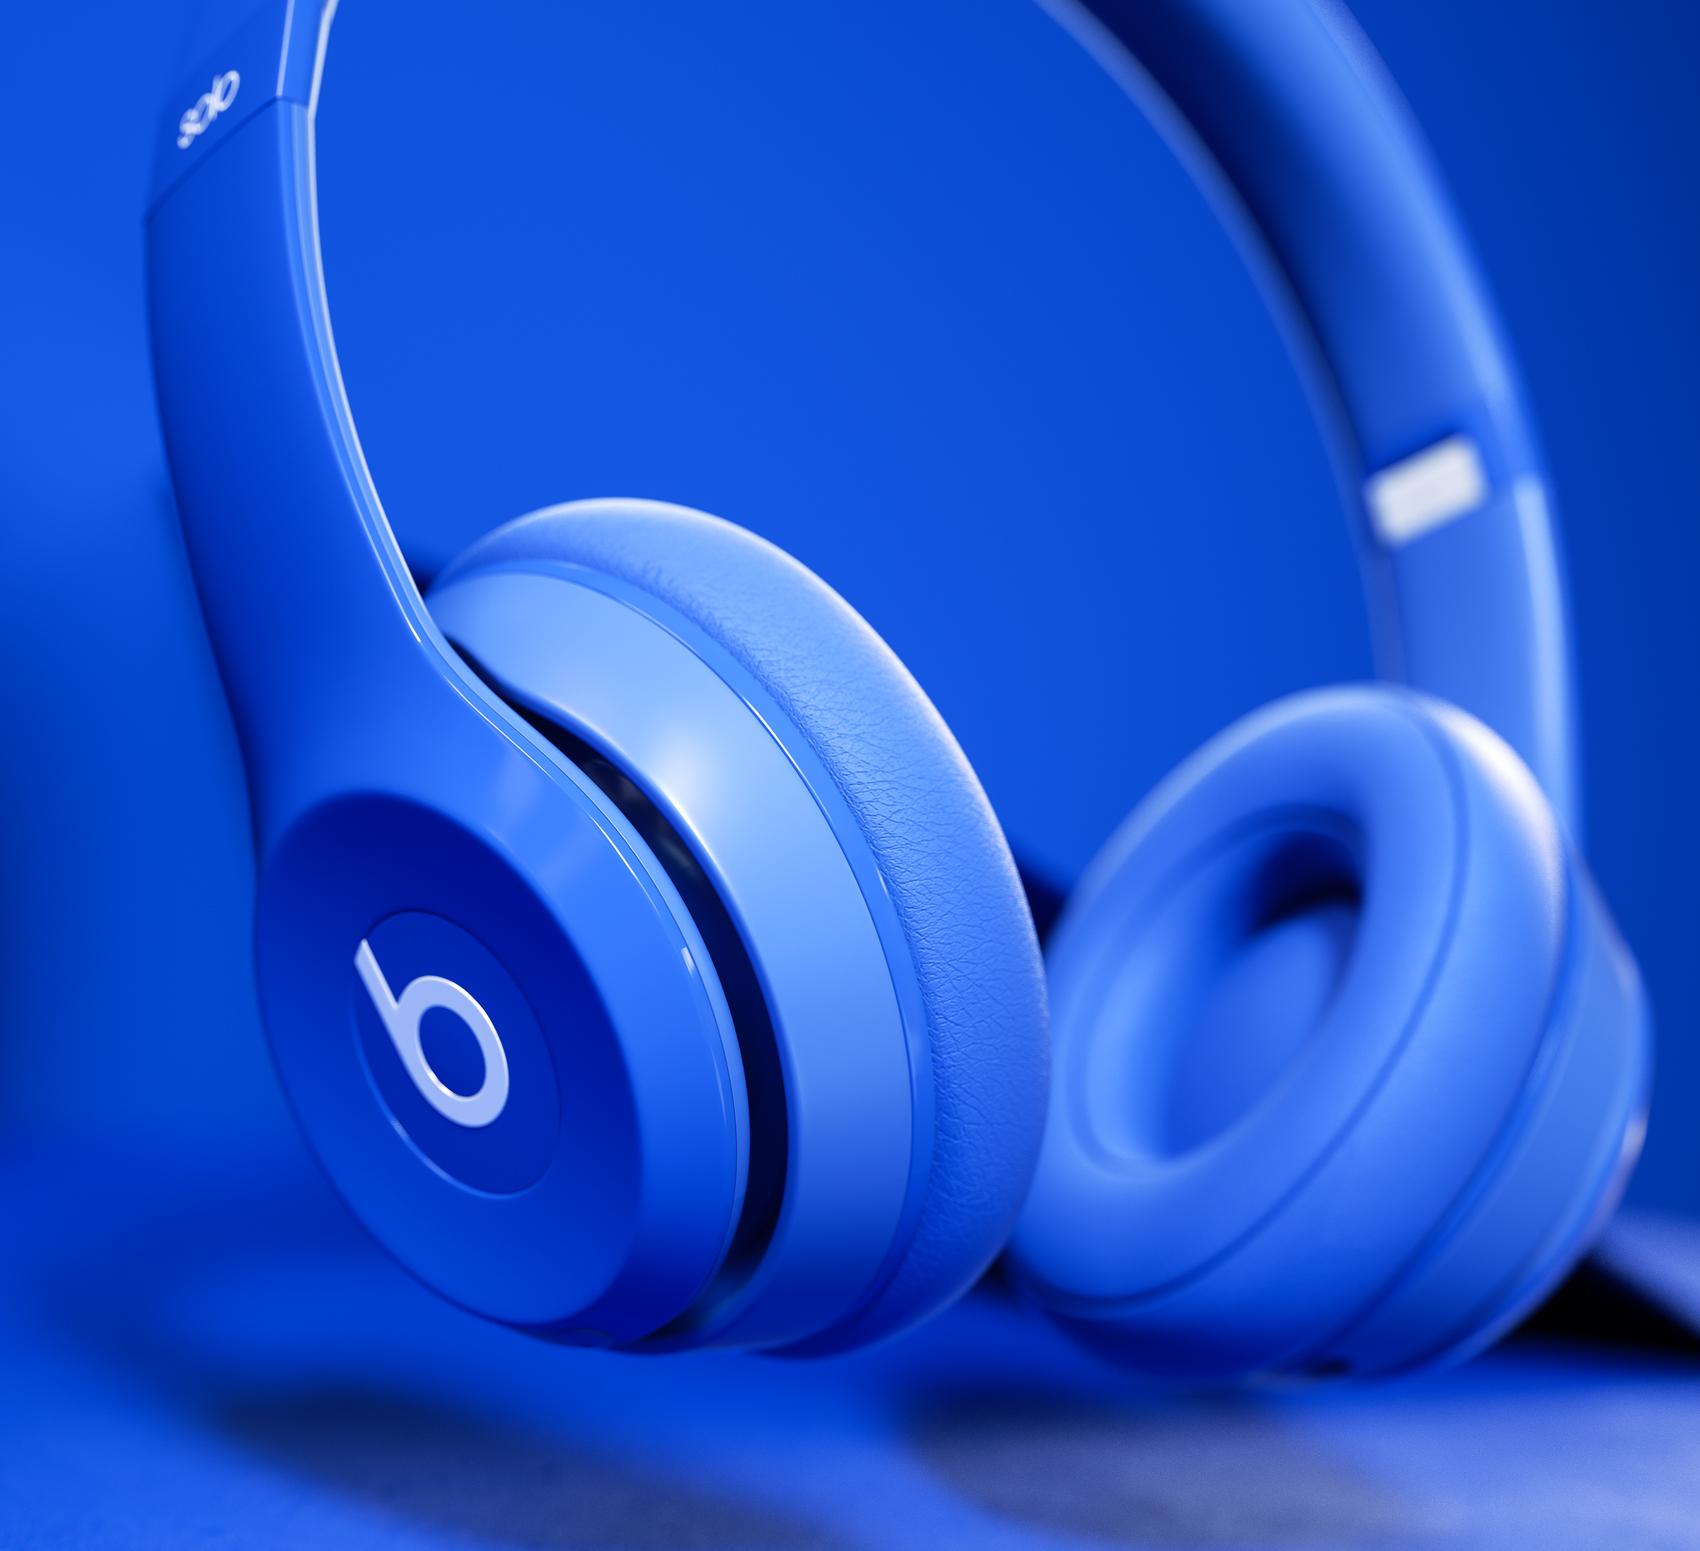 BeatsByDre_Scene_Blue_02.jpg